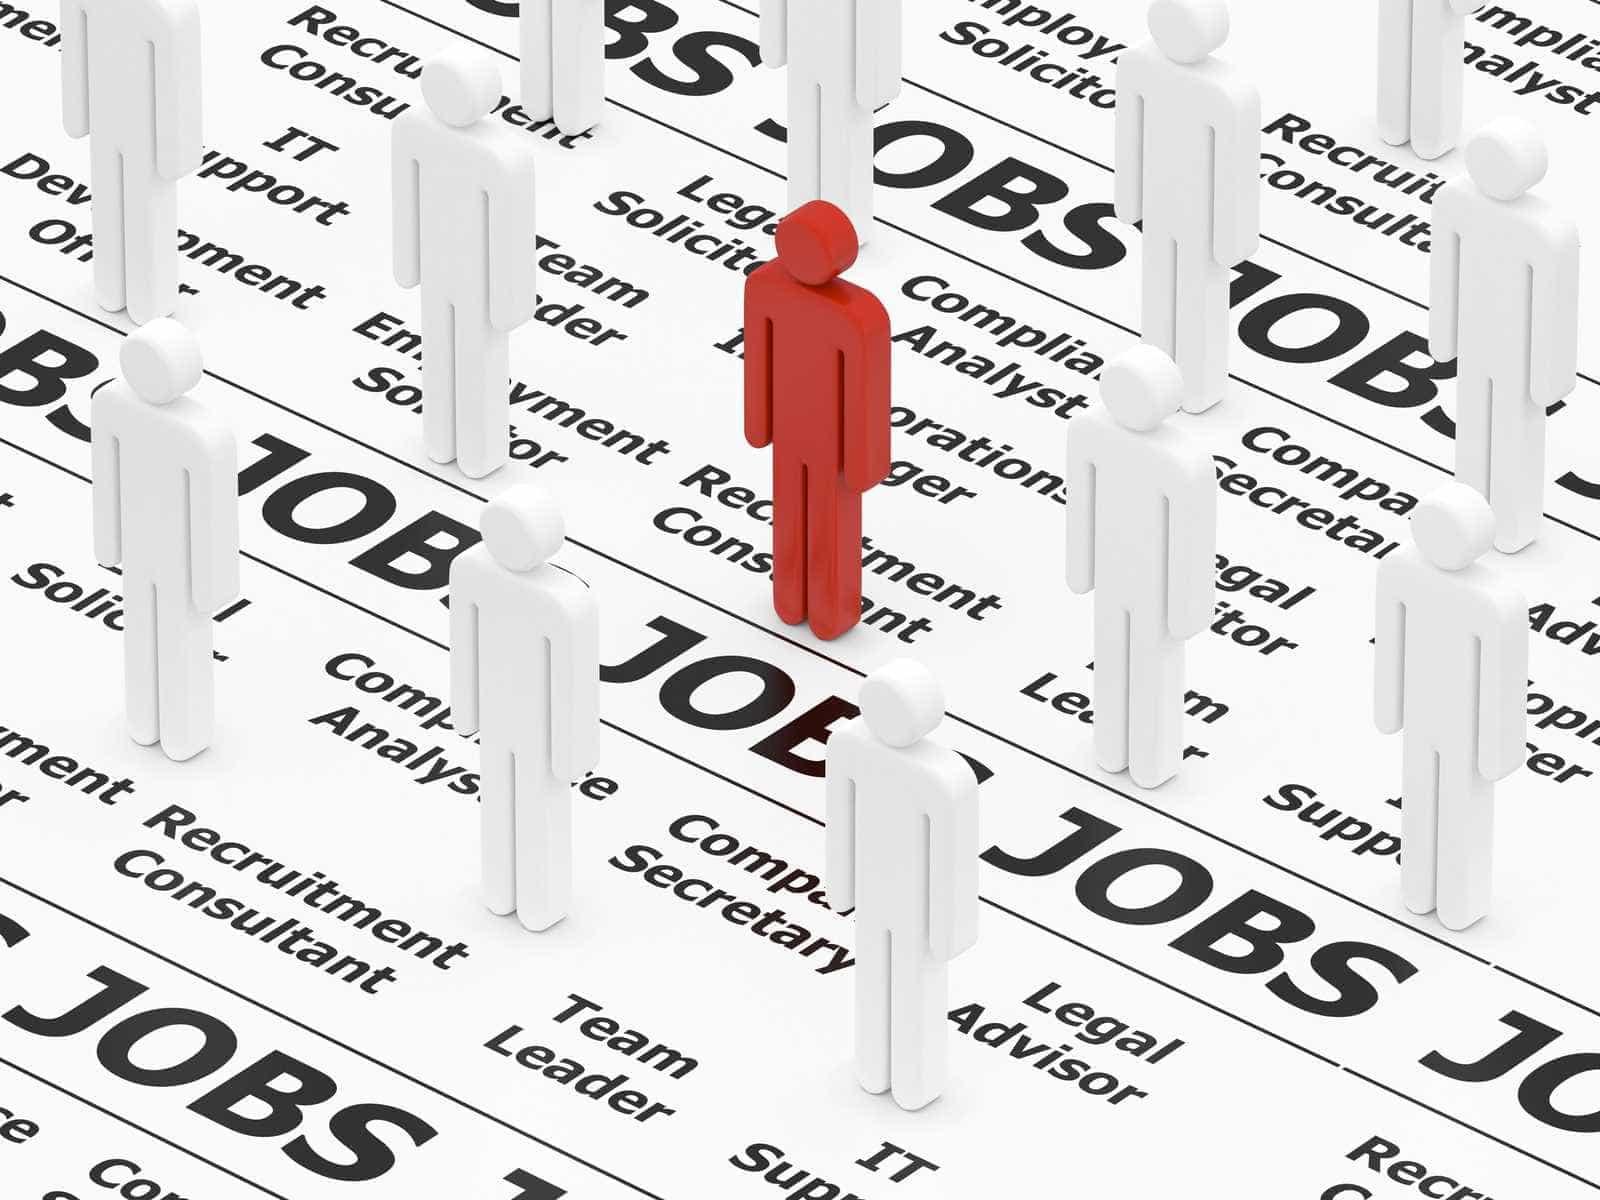 Beneficiários das prestações de desemprego diminuíram 4,1% em fevereiro